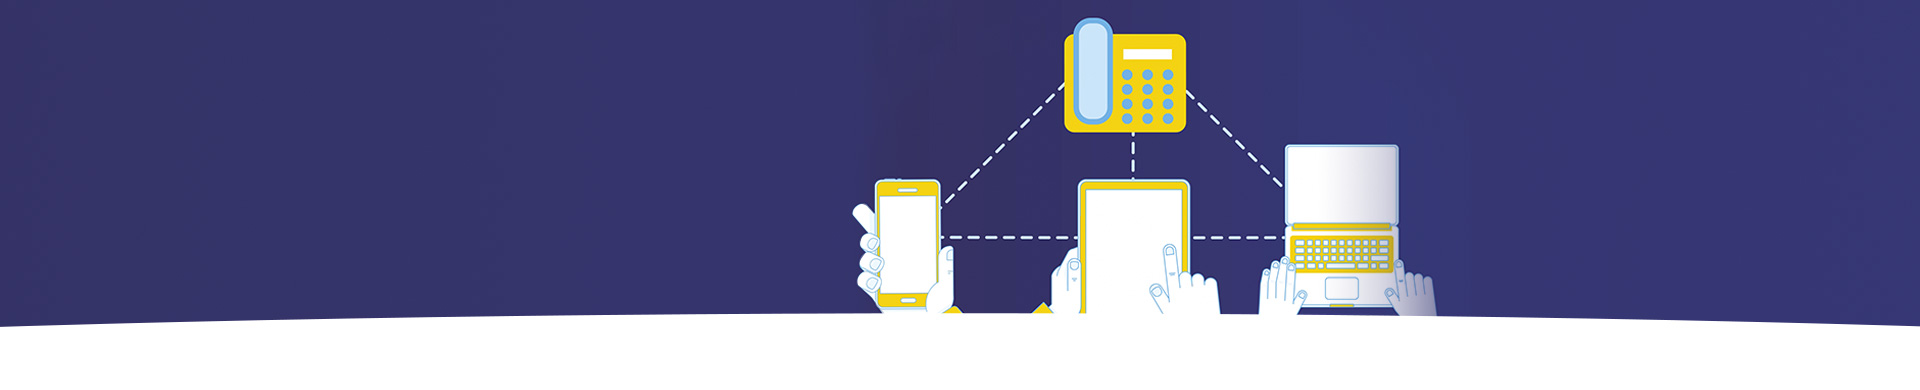 Tek Ofis ile tüm ofis iletişim araçlarını tek bir platform üzerinde toplayın.